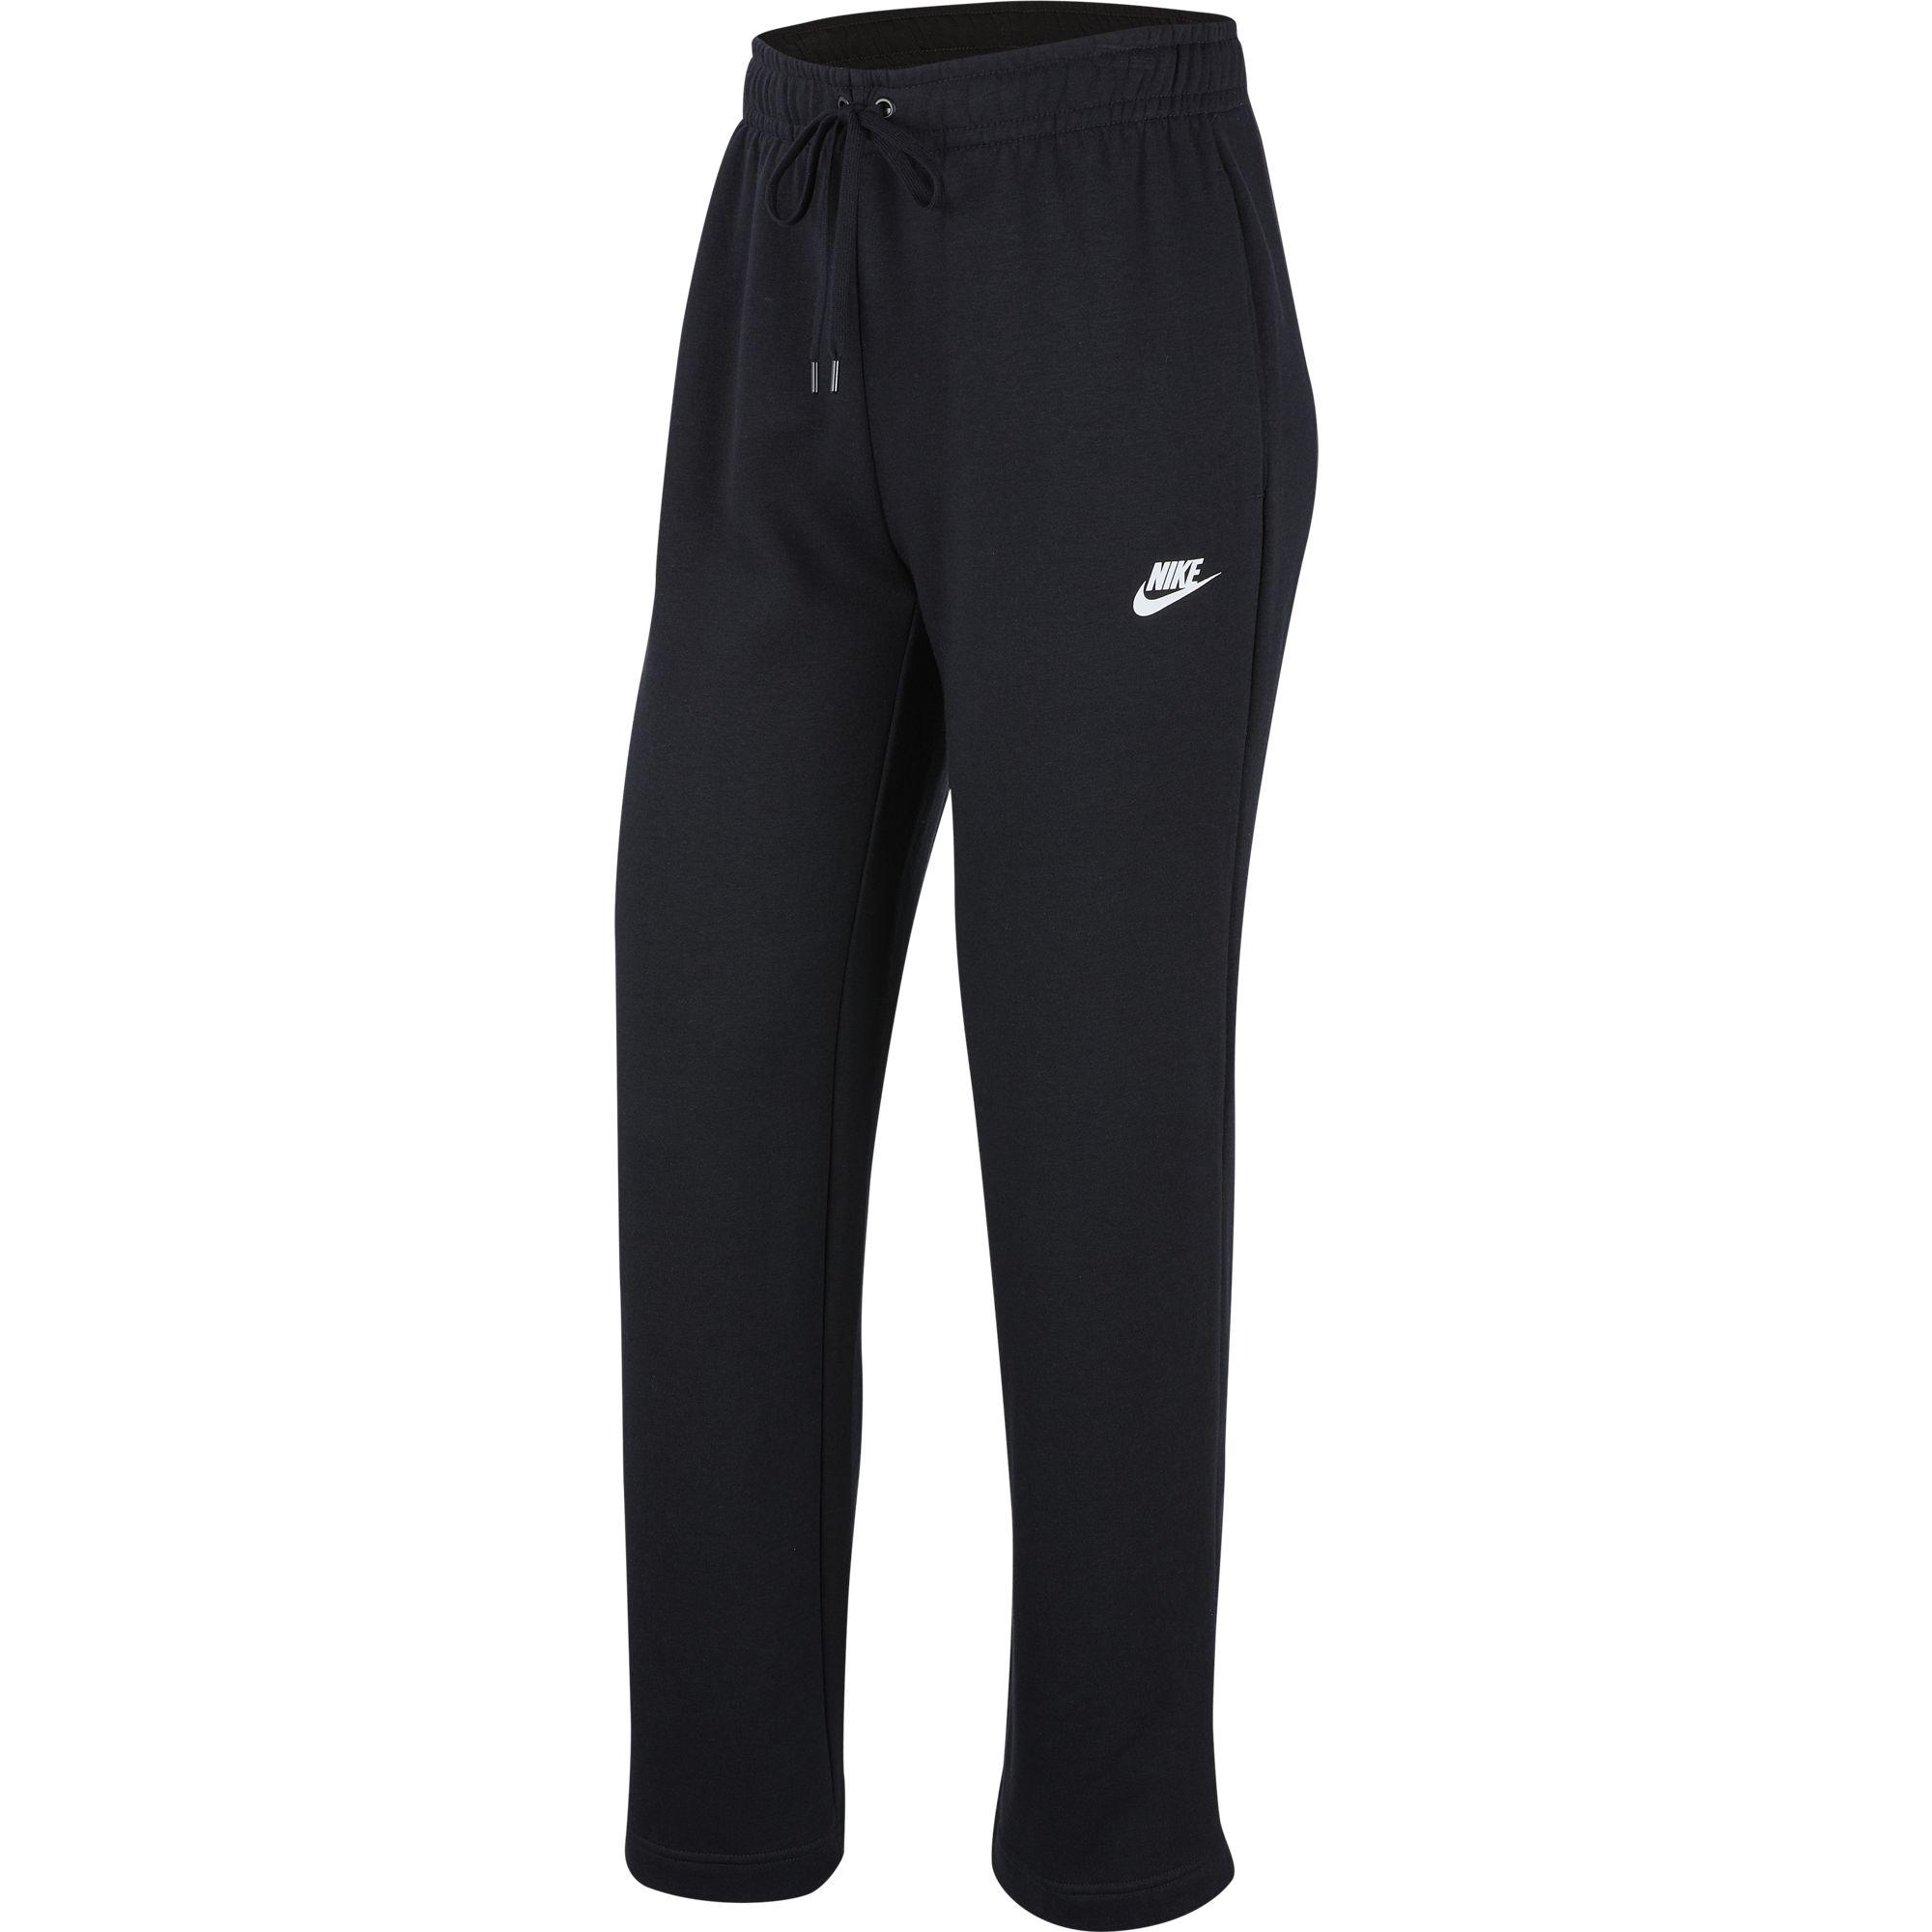 Women's Nike Sportswear Fleece Pants, Black, swatch